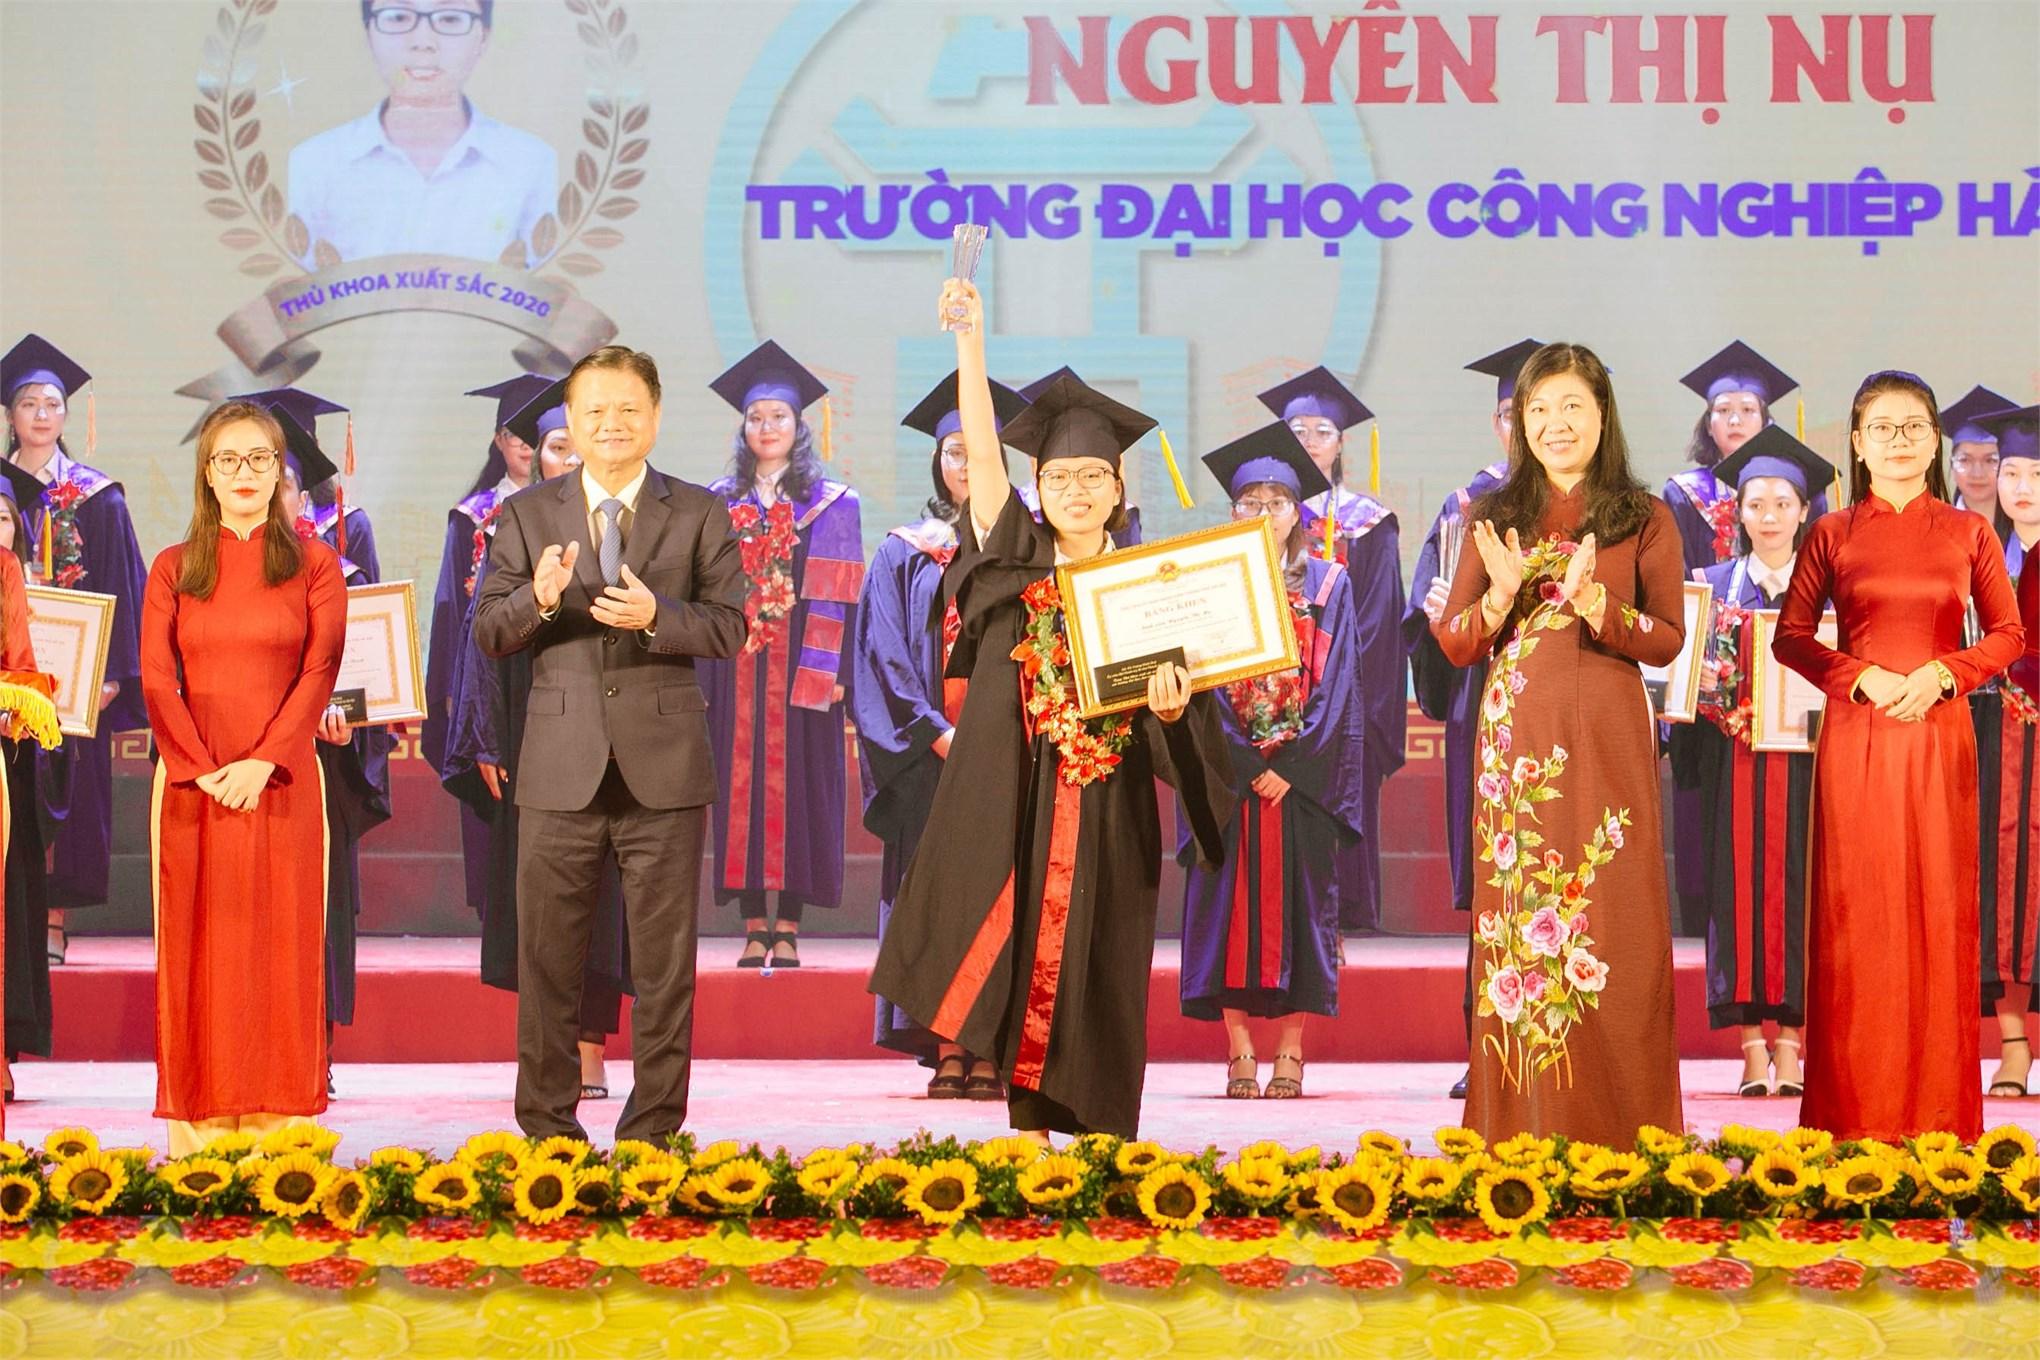 2 Thủ khoa tốt nghiệp trường Đại học Công nghiệp Hà Nội năm 2020 được Thành phố Hà Nội vinh danh